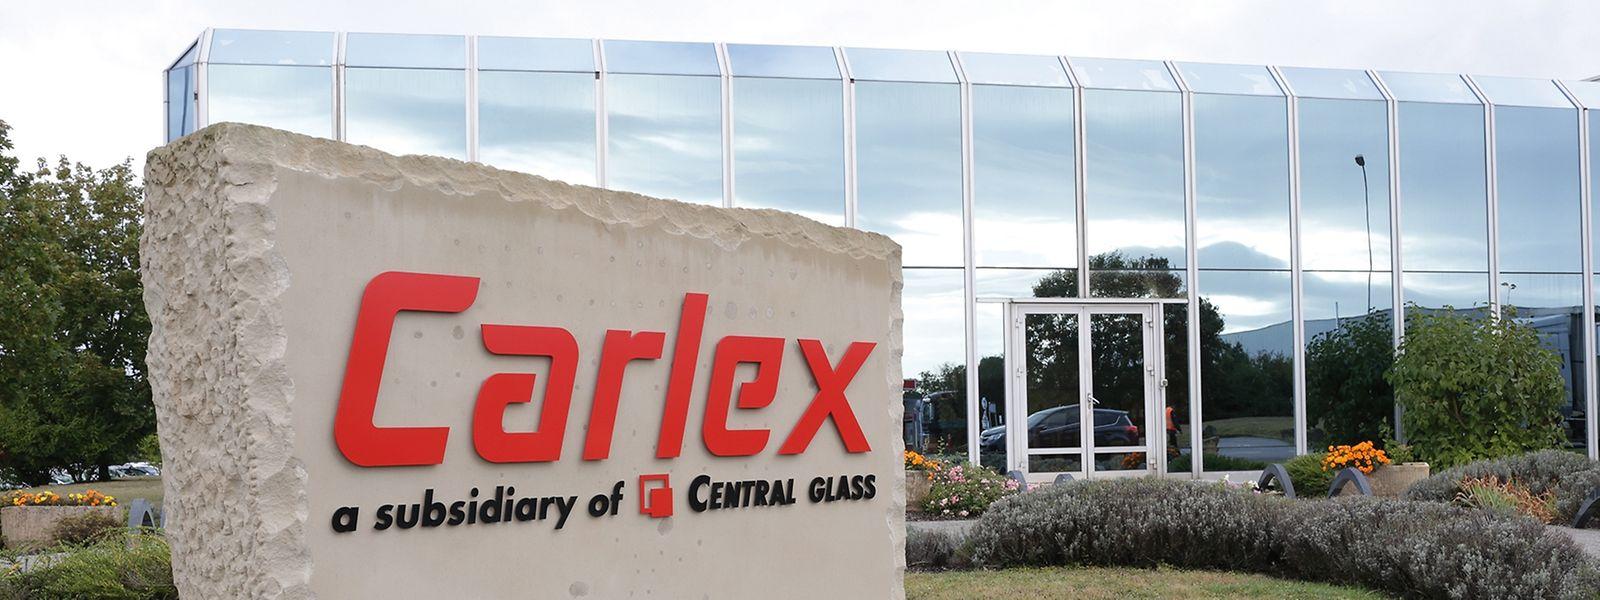 Vor den Produktionshallen von Carlex in Potaschberg.